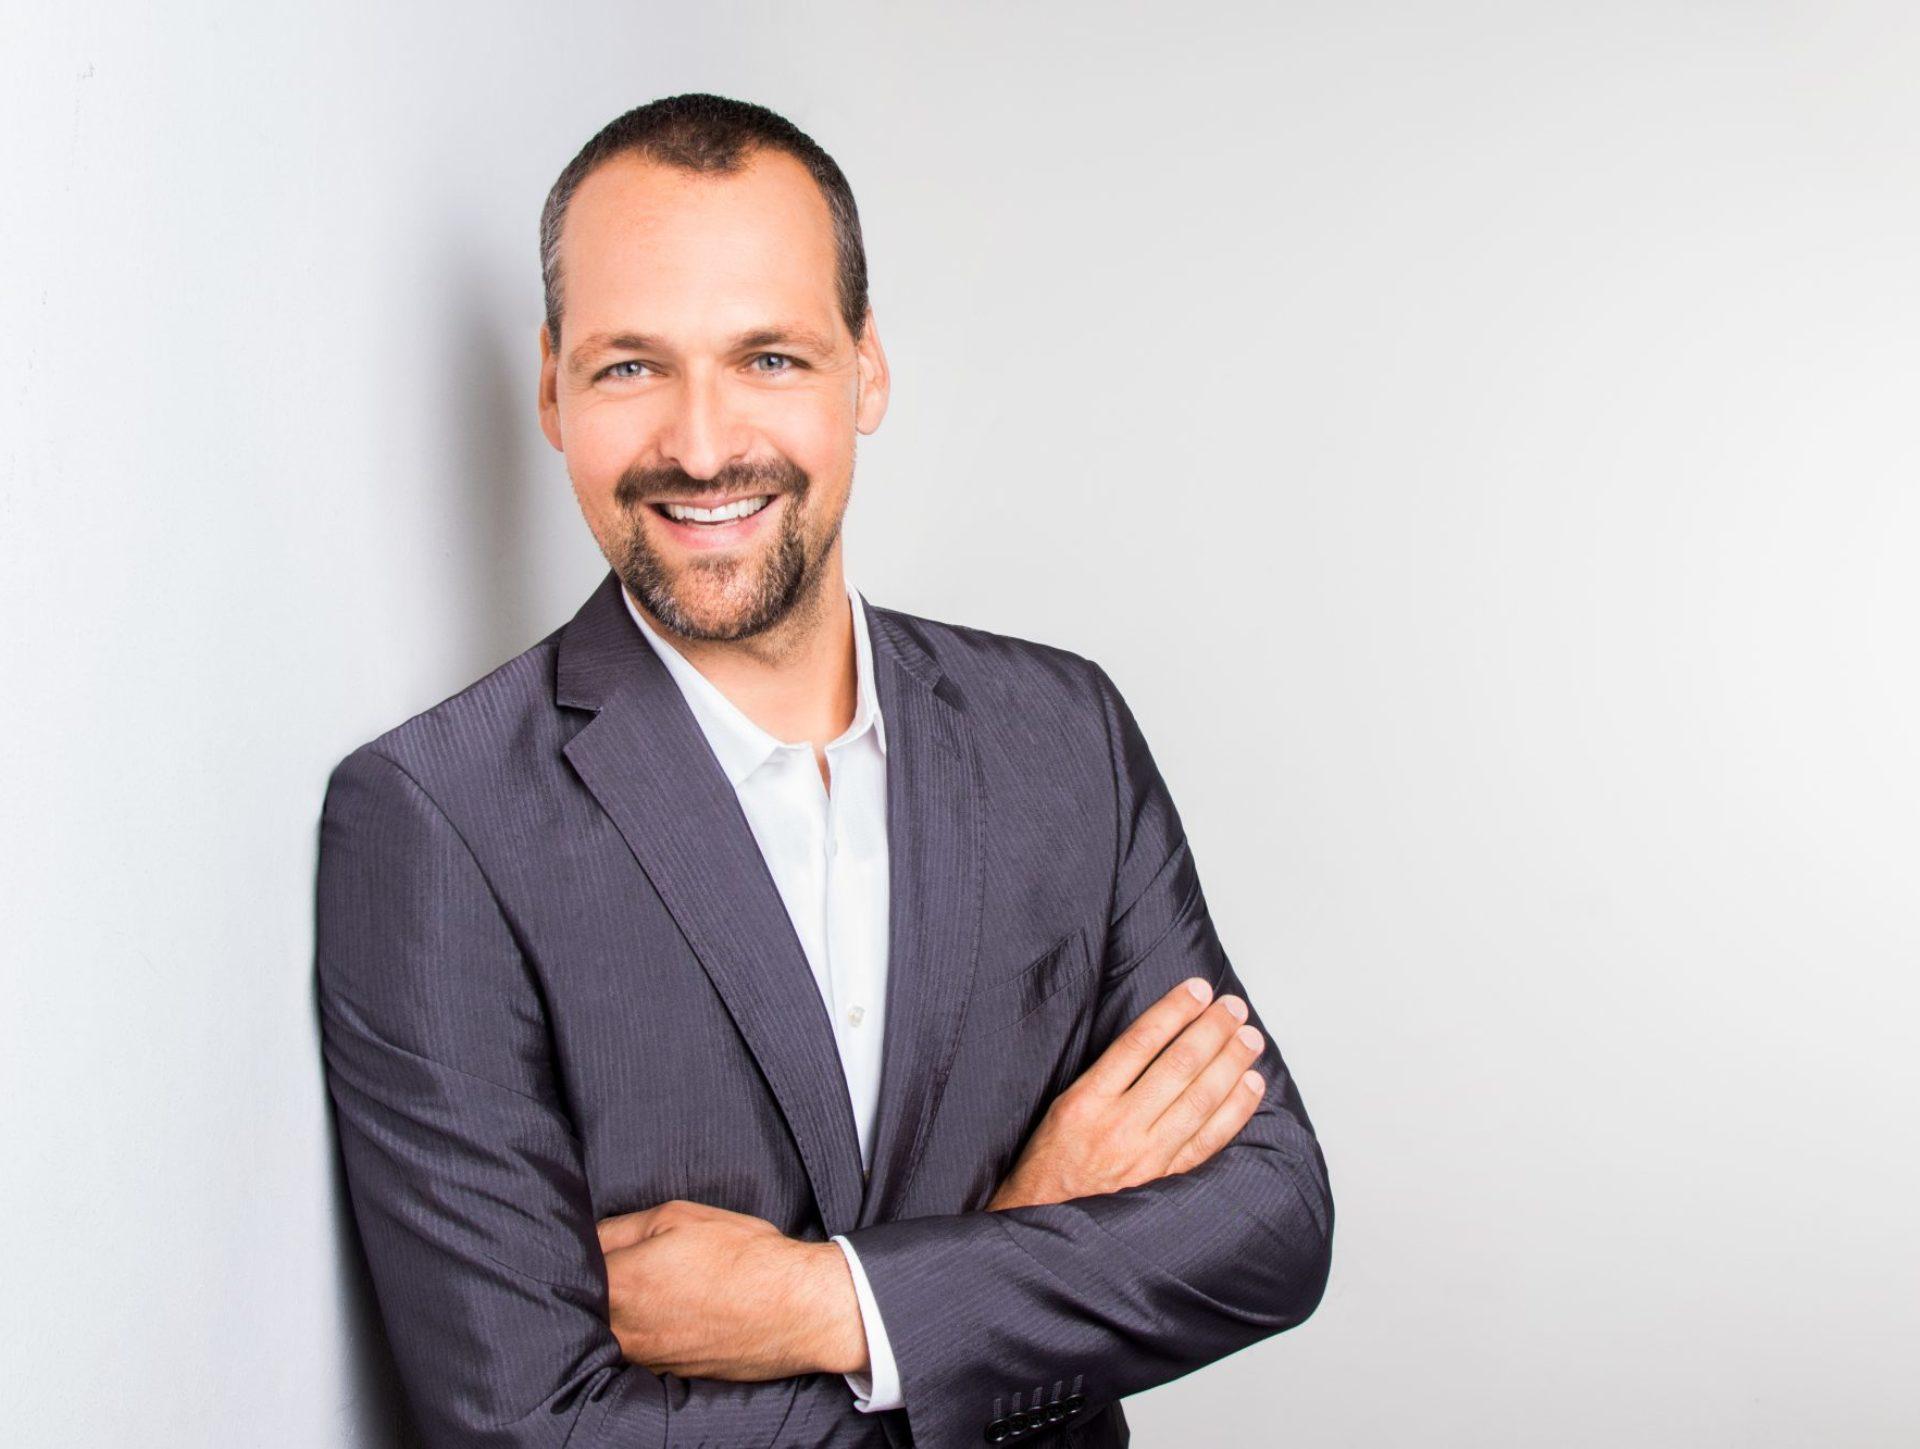 Der Heidelberger Politologe und USA-Kenner Dr. Tobias Endler unterhält sich mit Daniel Geiger, Fachreferent für Politikwissenschaft an der ZHB Luzern. Details: www.zhbluzern.ch